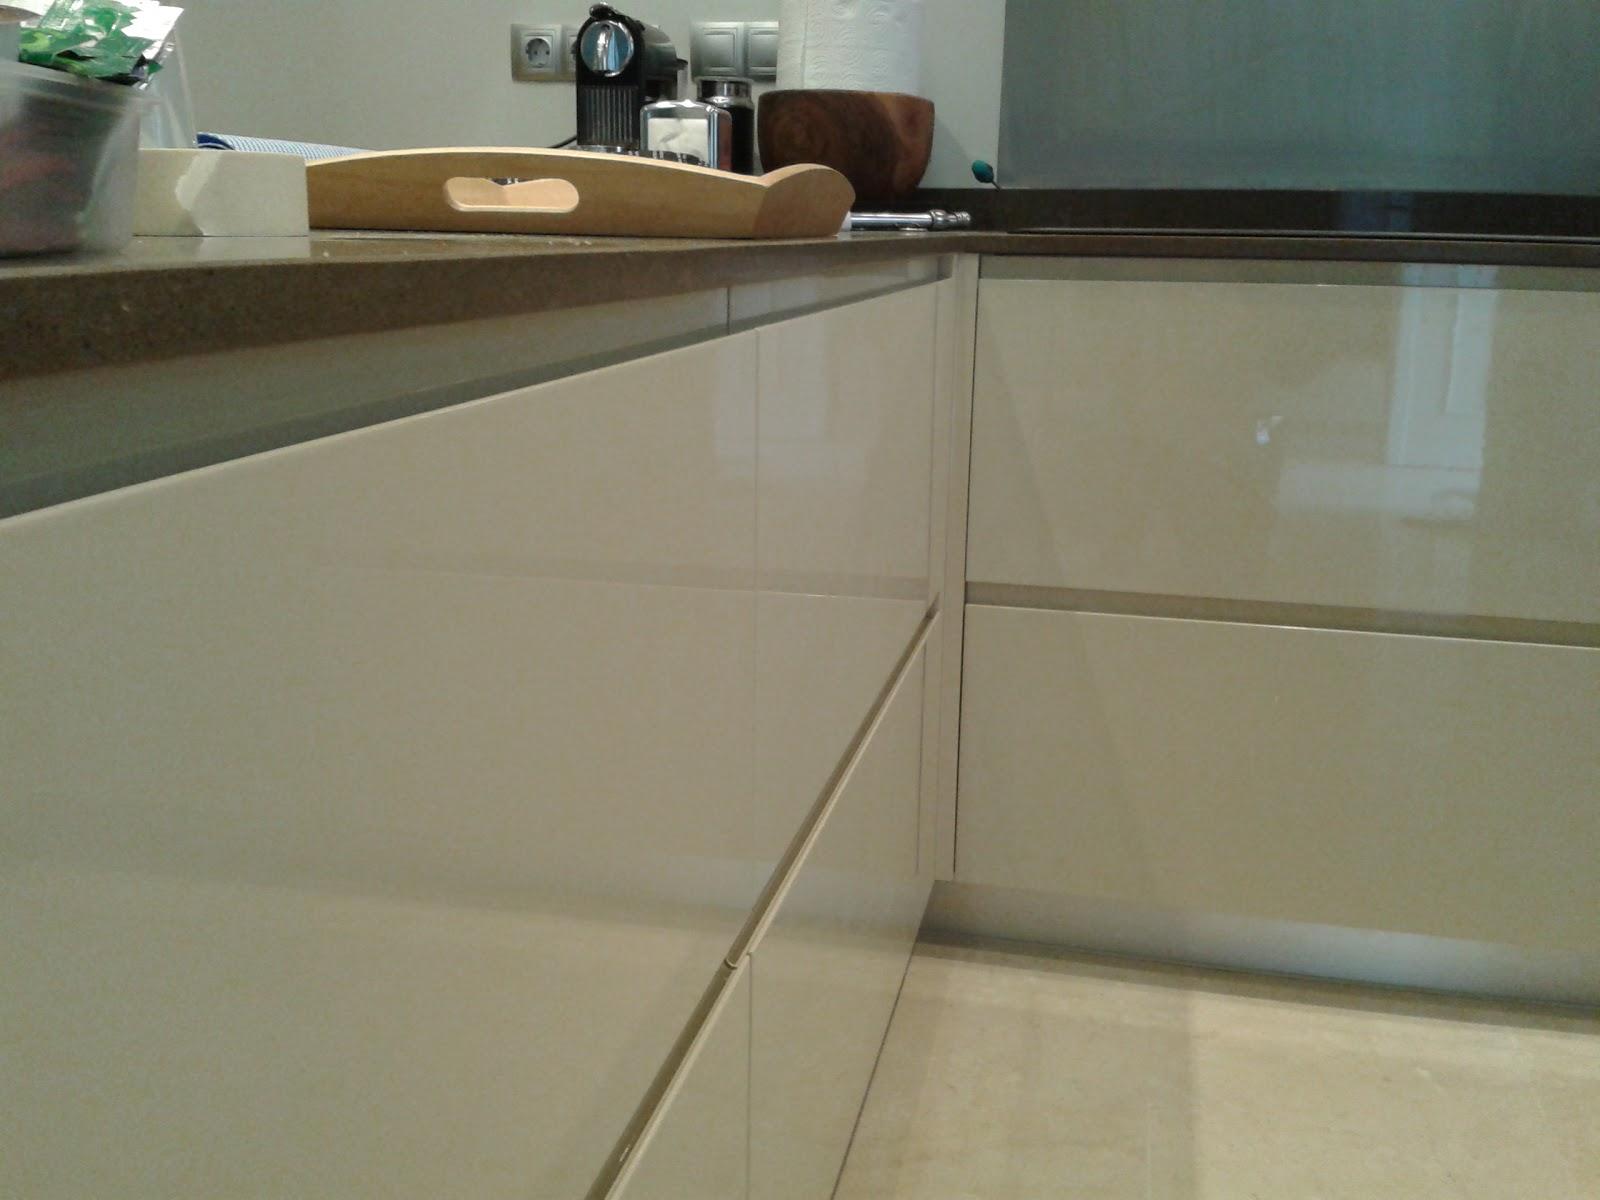 COCINA IV en Crema brillo | Terral muebles a medida y tarimas de ducha